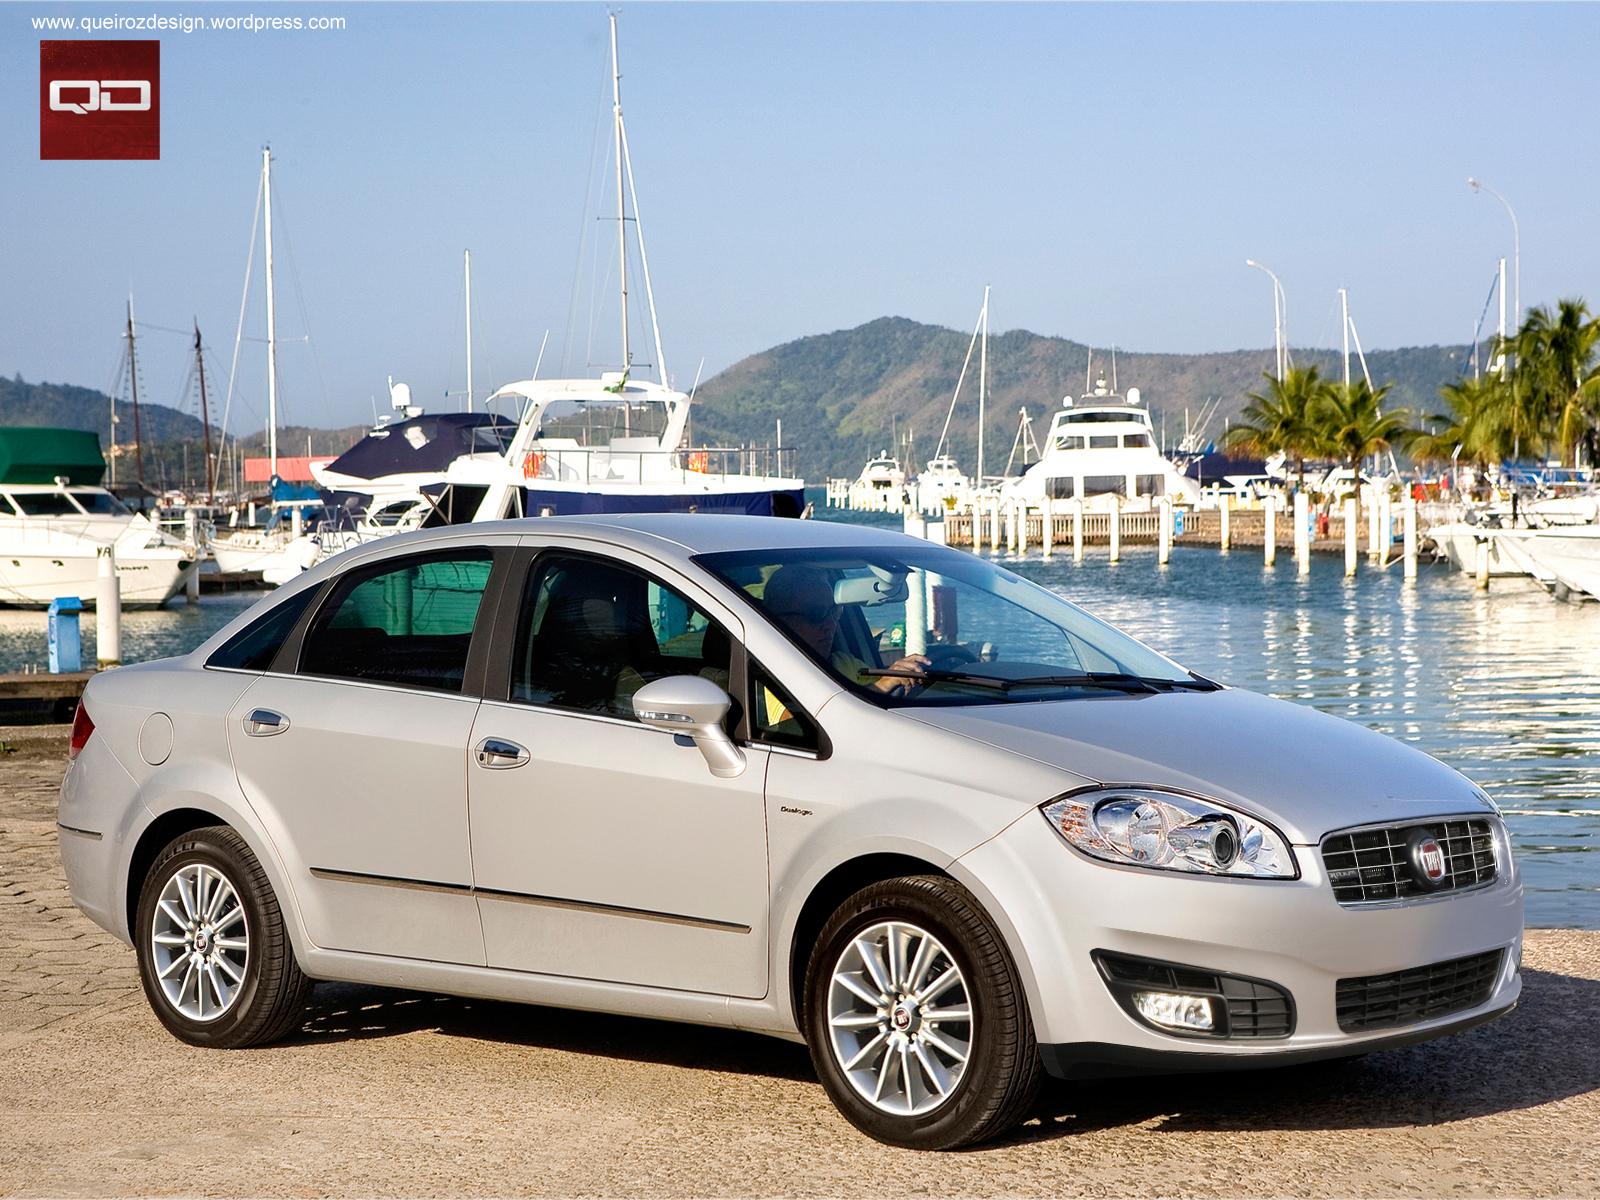 Fiat Linea Evo - Clique na Imagem para Ampliar